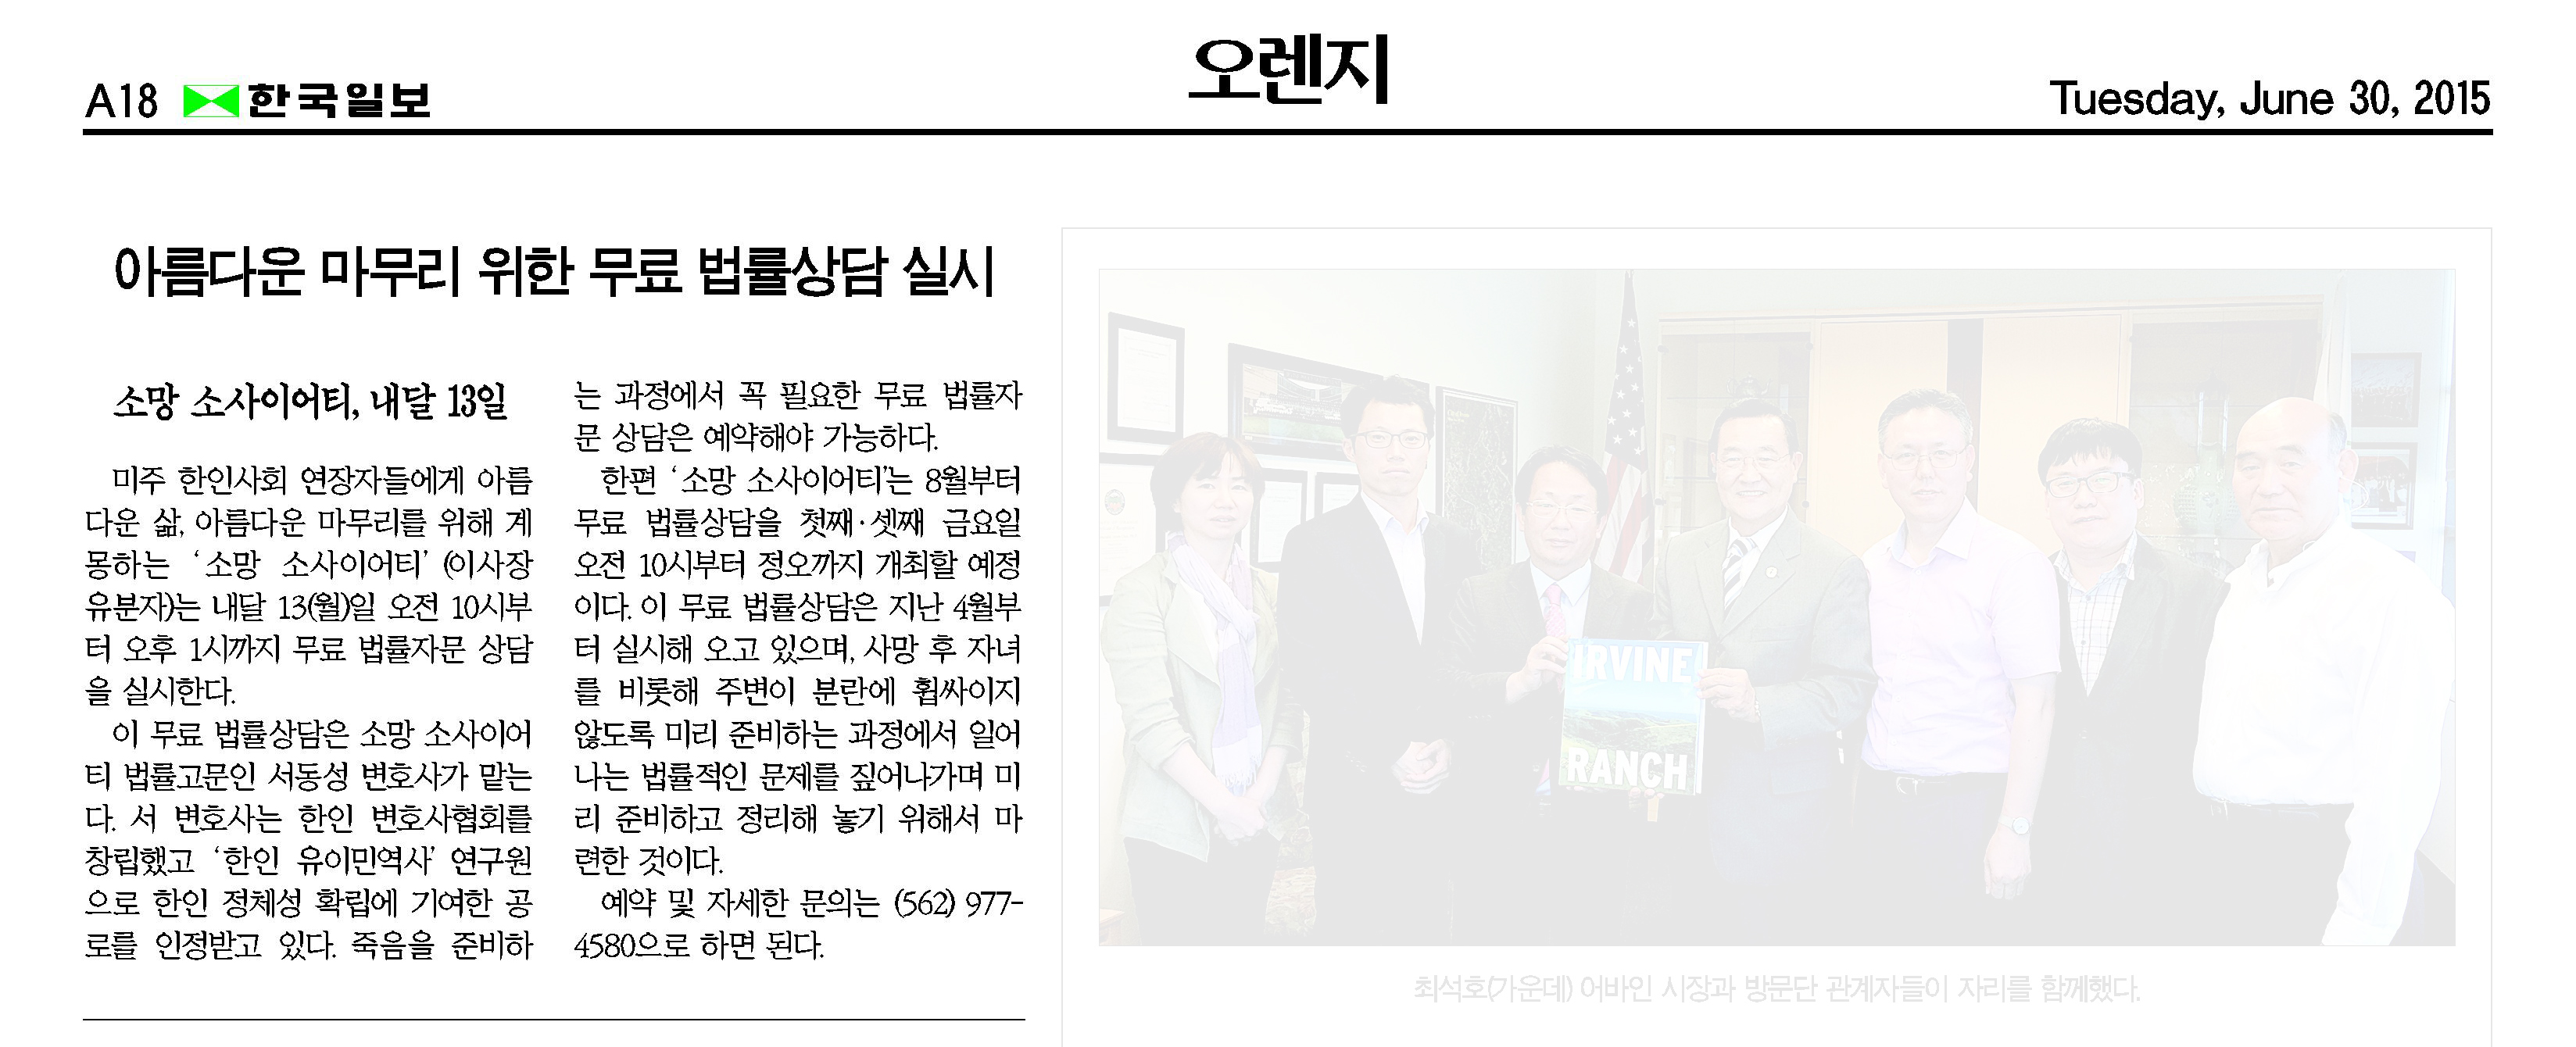 """""""아름다운 마무리를 위한 무료 법률상담 실시"""" 2015년 6월 30일 한국일보"""